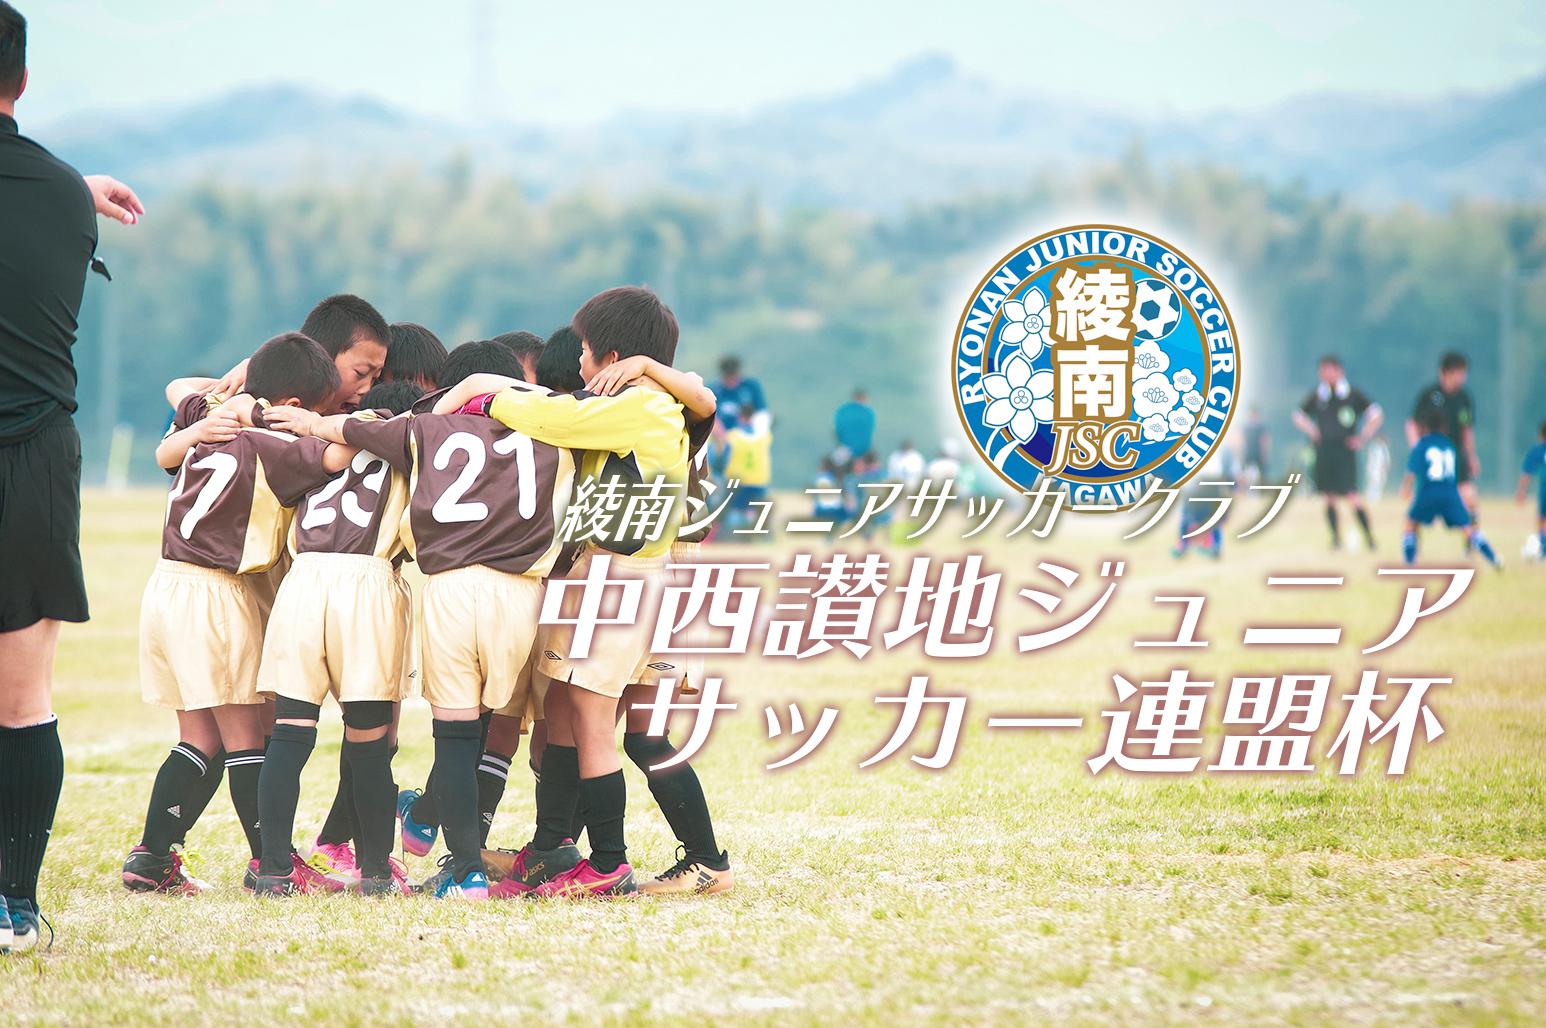 綾南ジュニアサッカークラブ 中西讃連盟杯